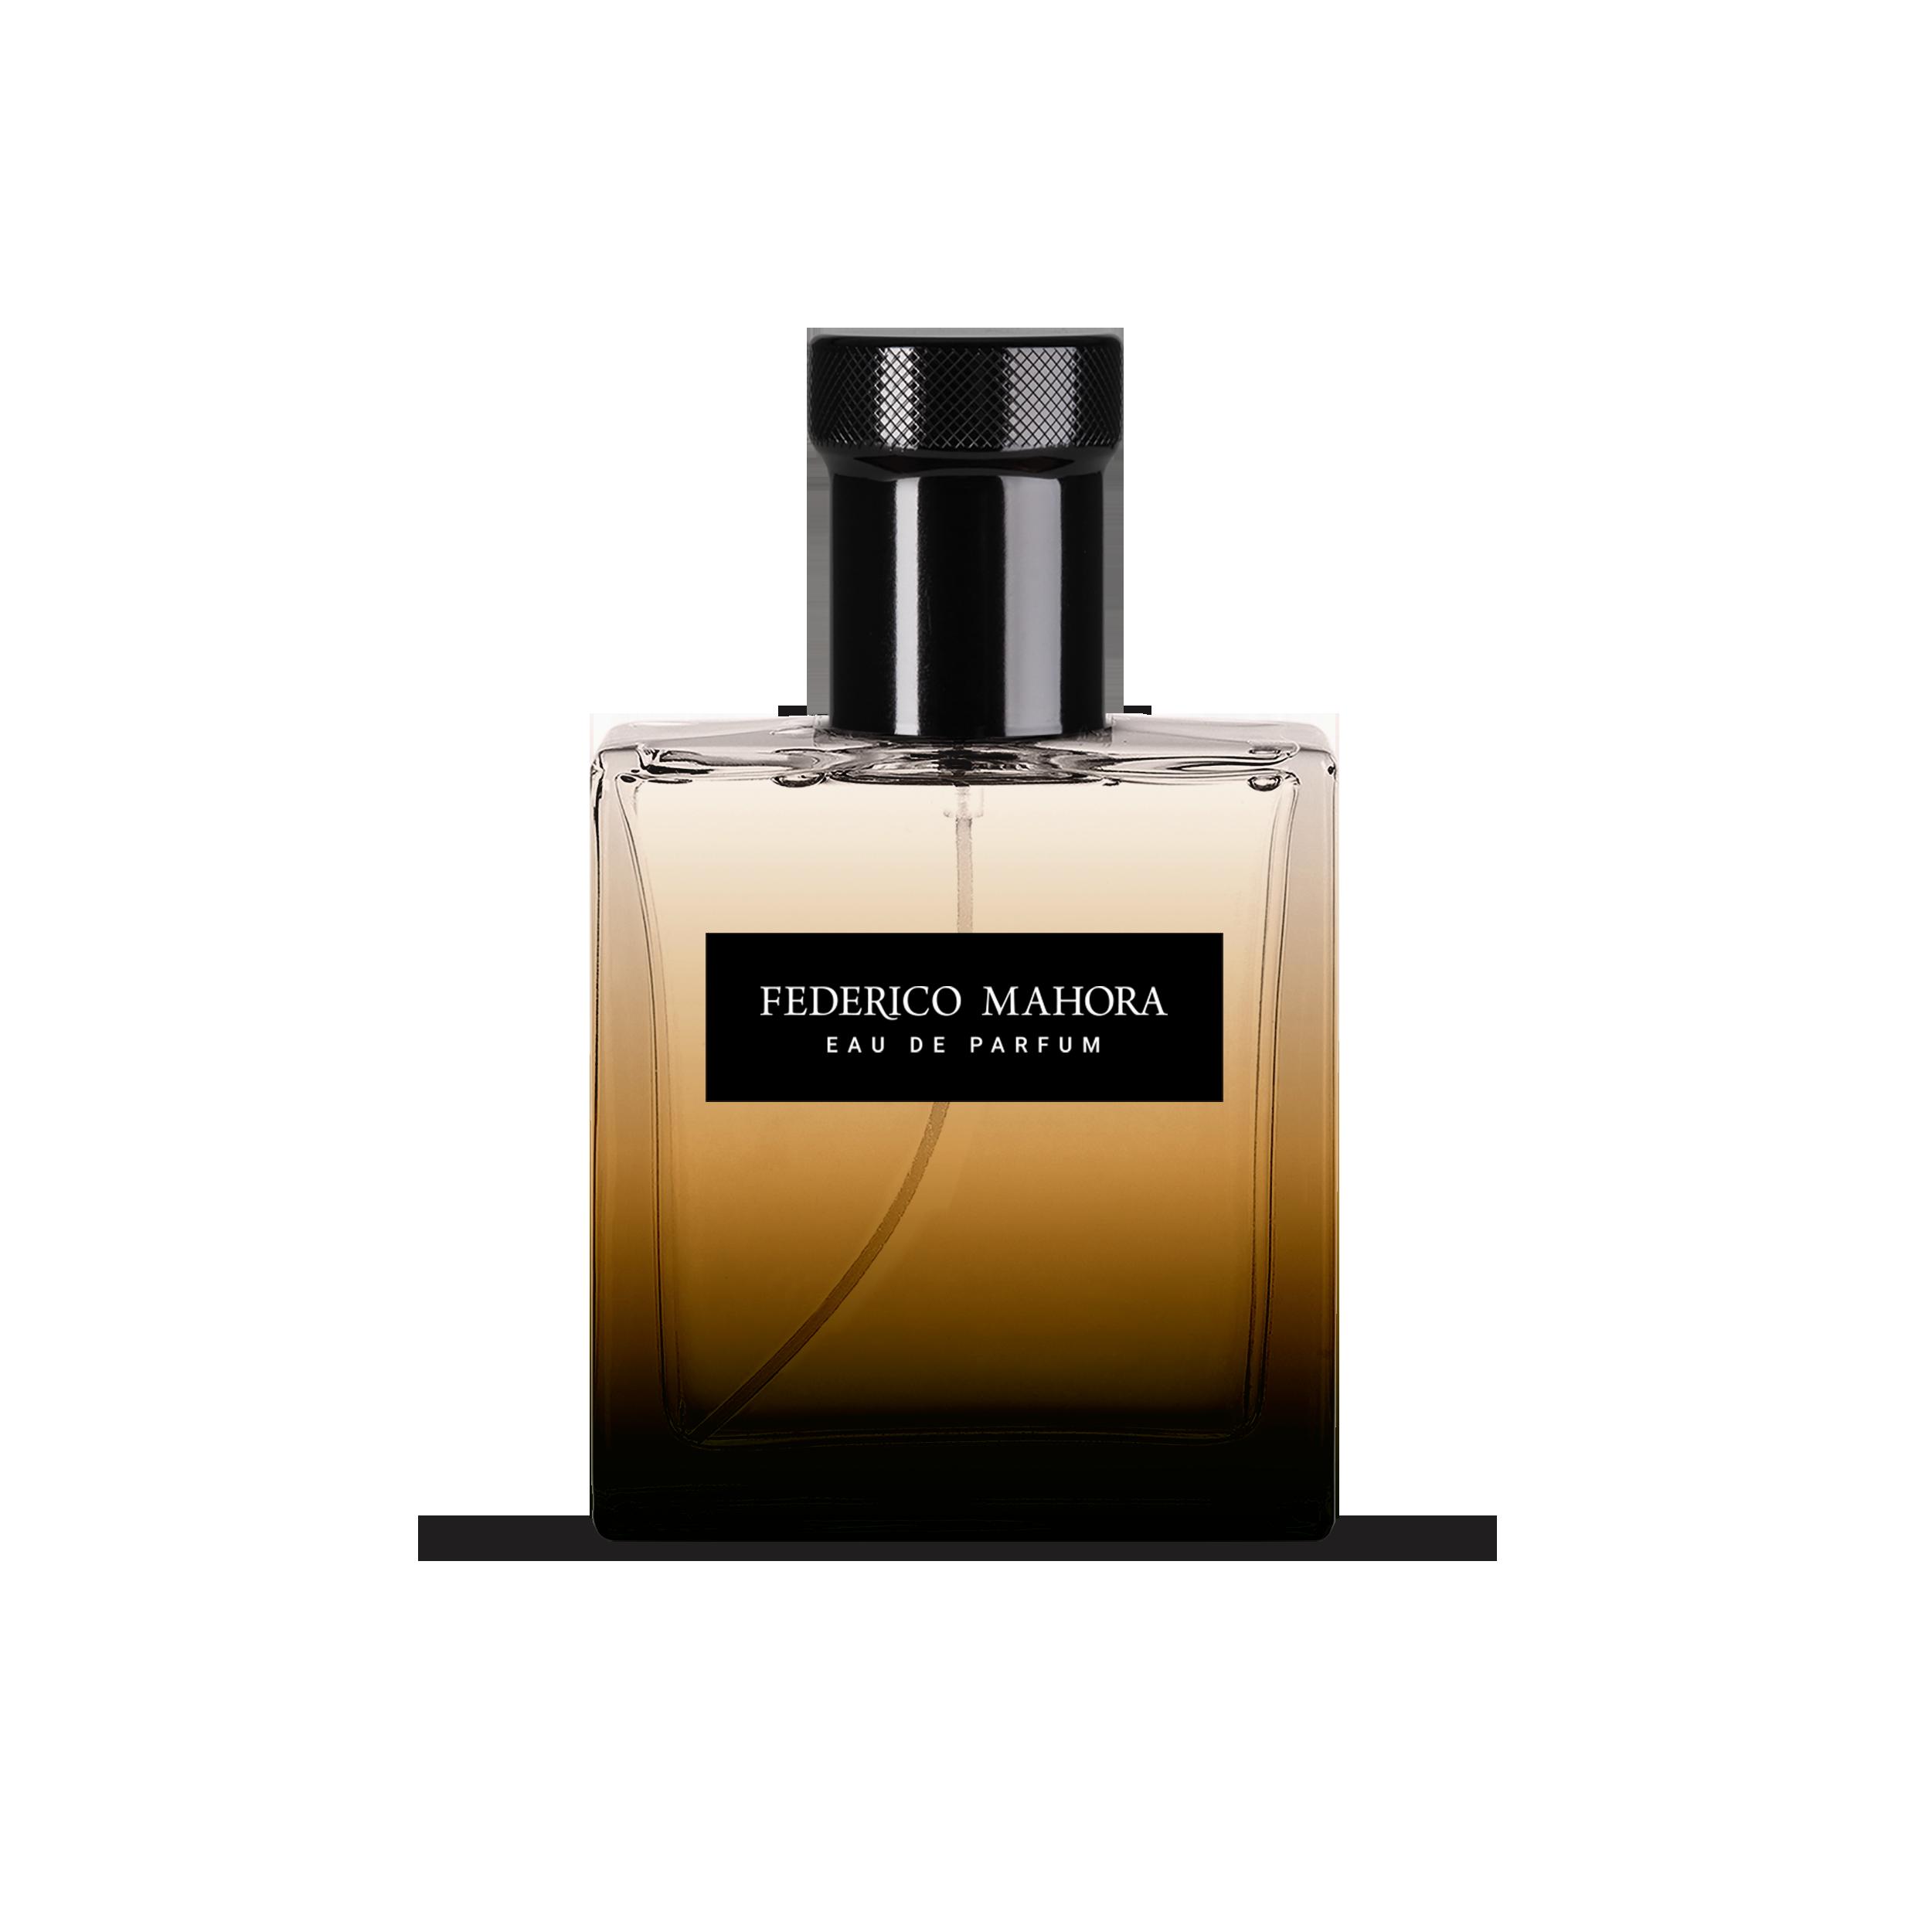 FM Eau de parfum 199